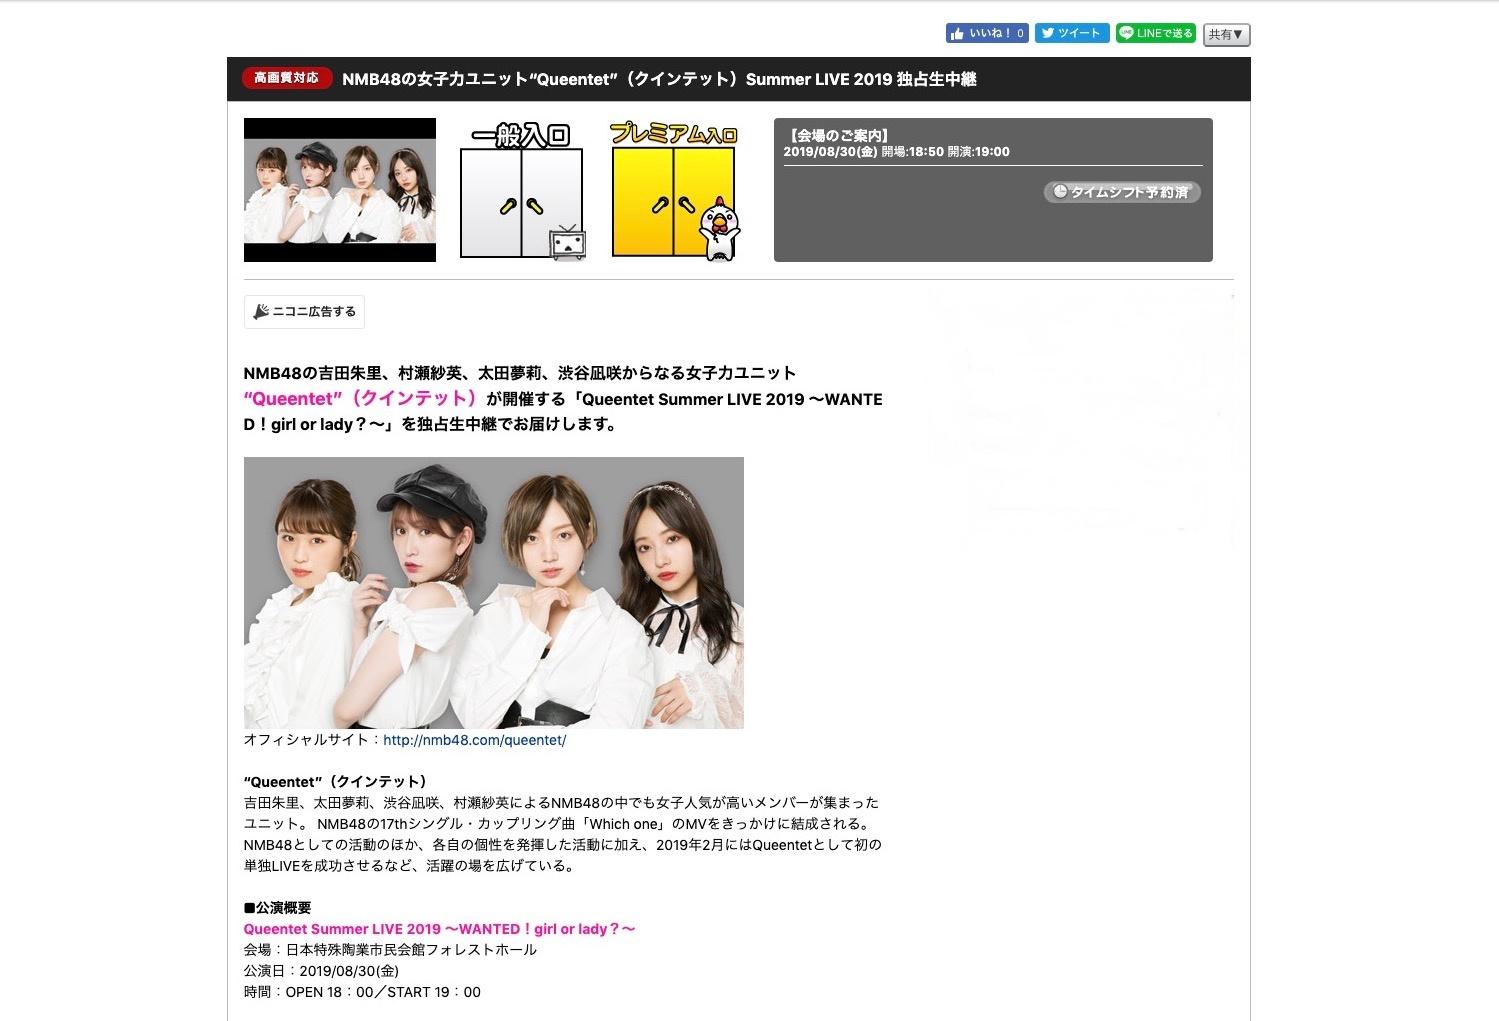 【NMB48】Queentetオープニング映像用音源が公開。8/30のライブがニコ生で中継